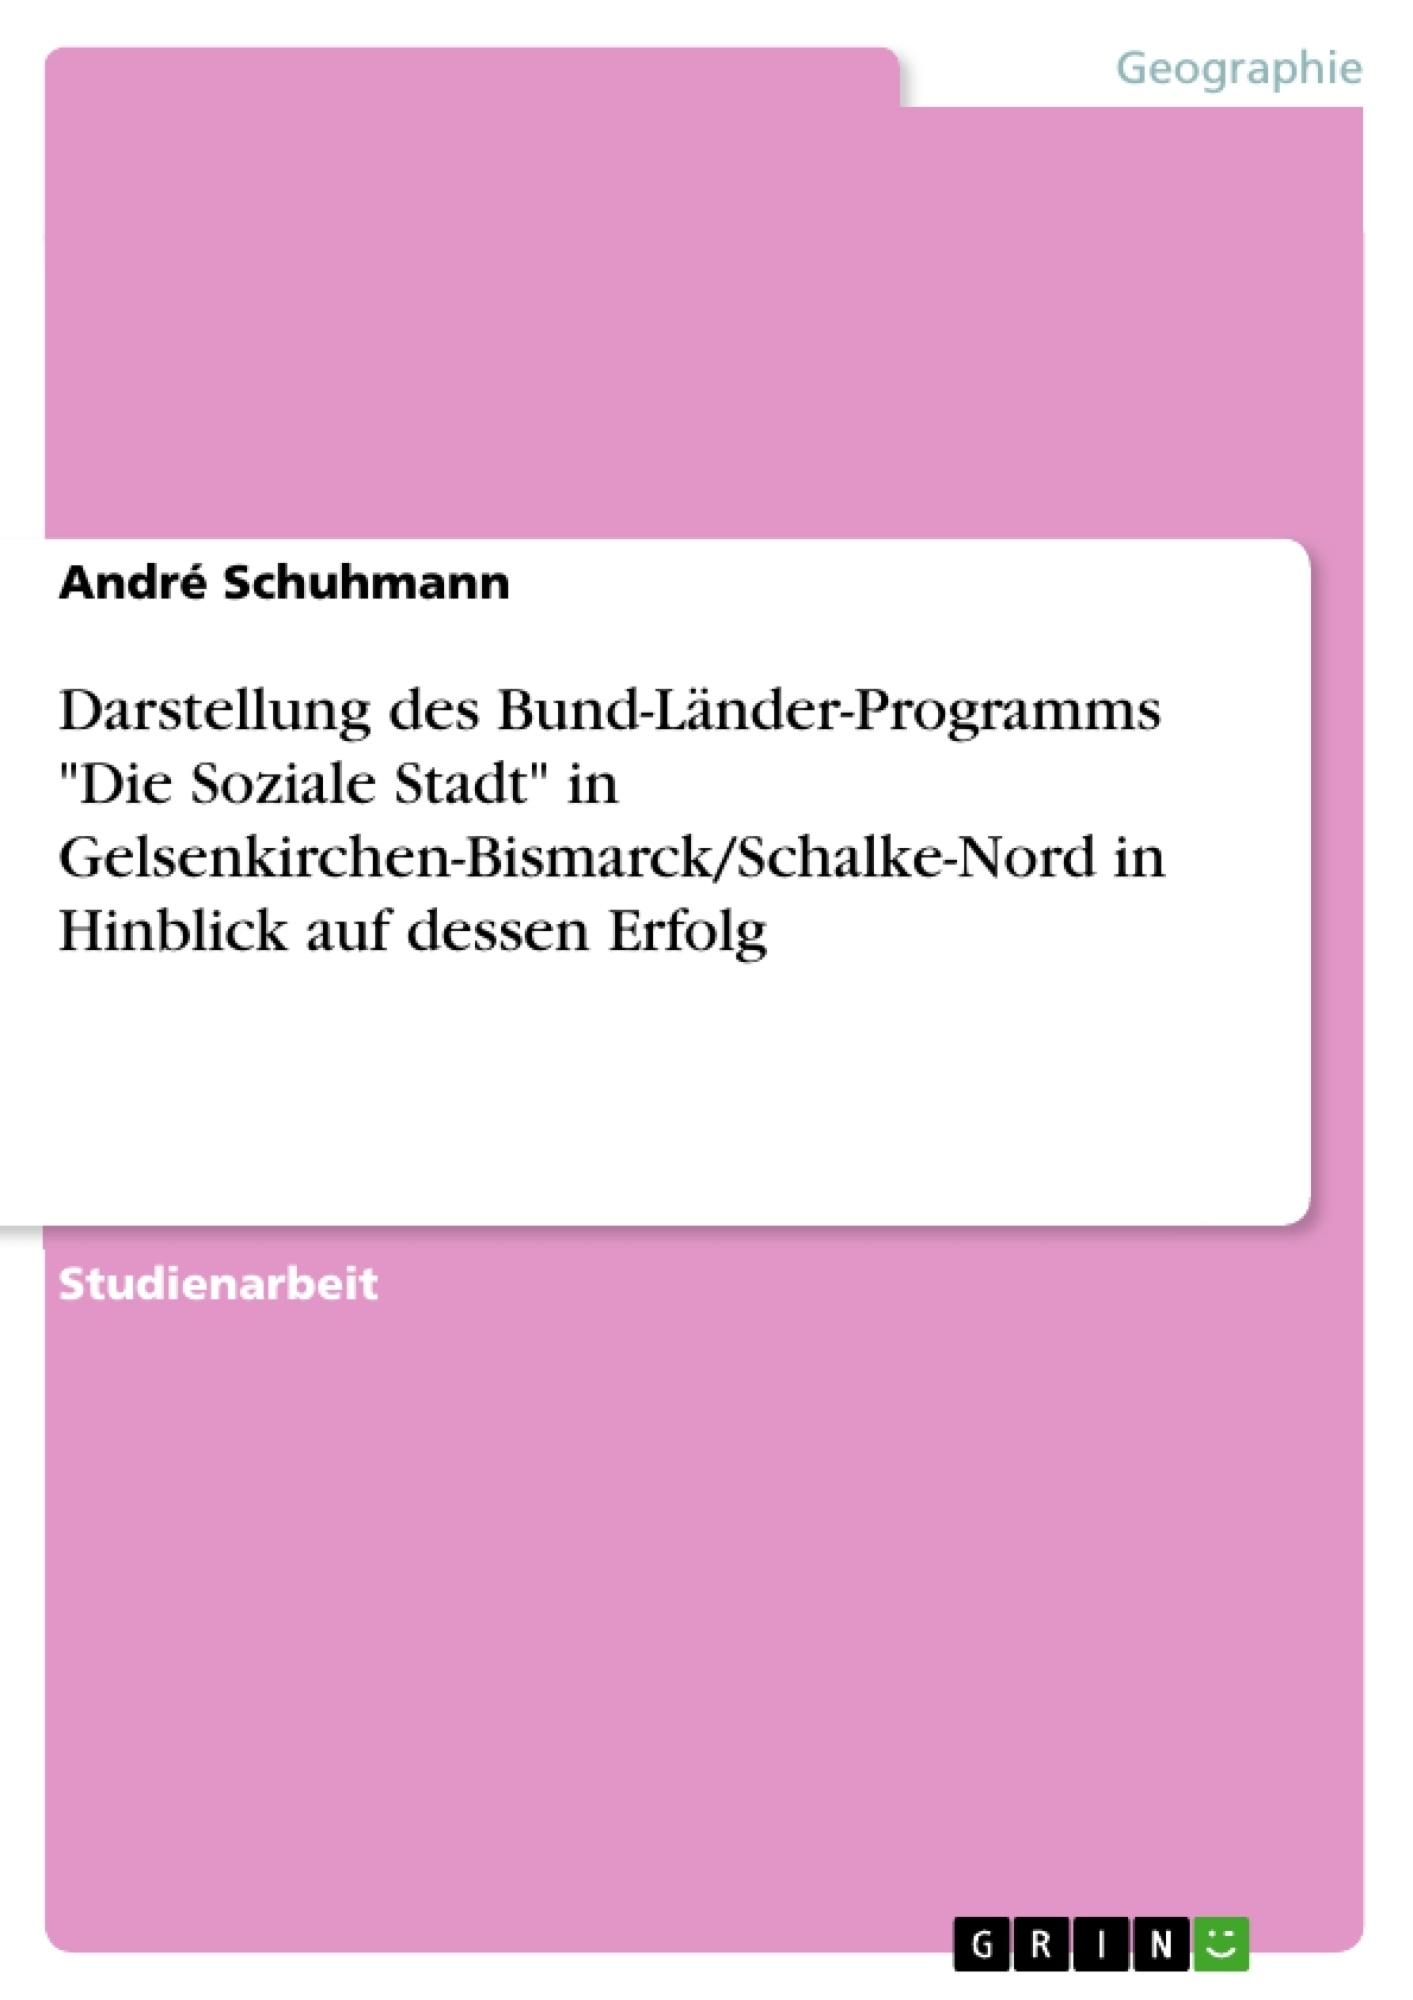 """Titel: Darstellung des Bund-Länder-Programms """"Die Soziale Stadt"""" in Gelsenkirchen-Bismarck/Schalke-Nord in Hinblick auf dessen Erfolg"""